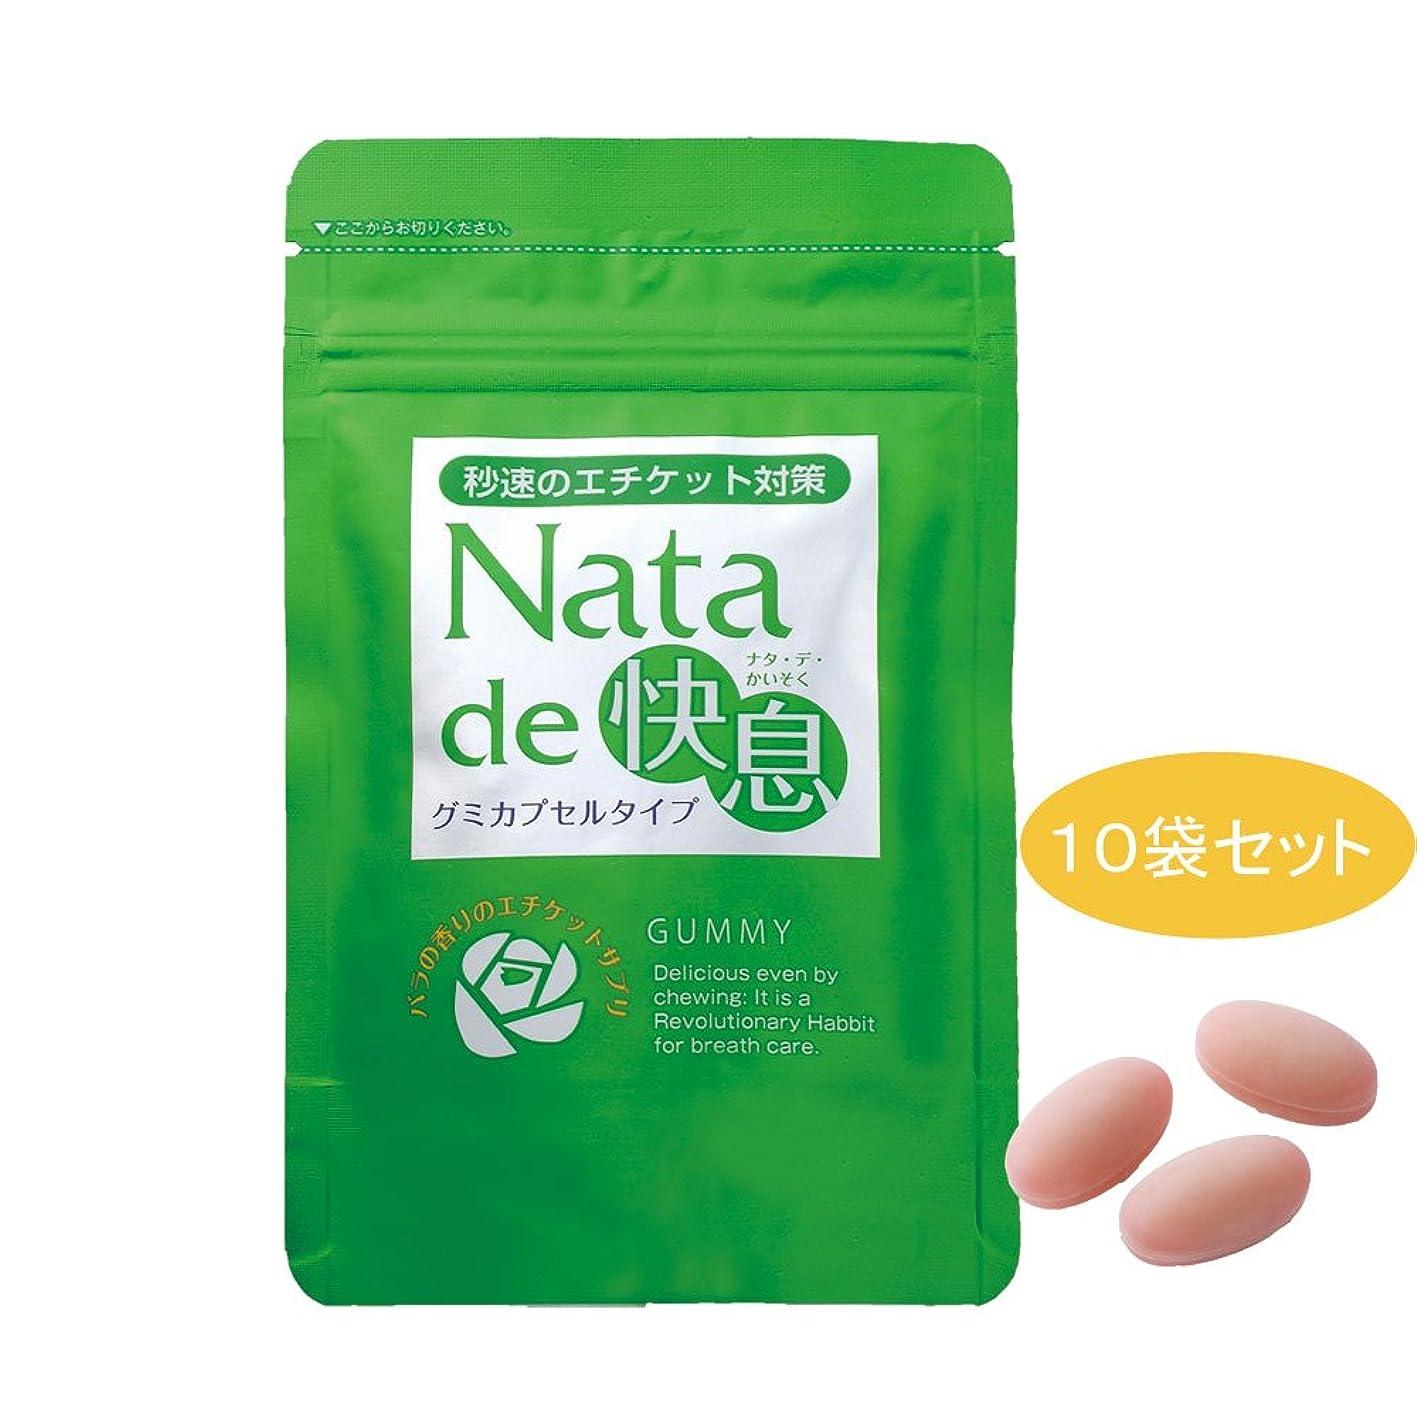 女性便宜一掃するナタデ快息 バラの香り 10袋